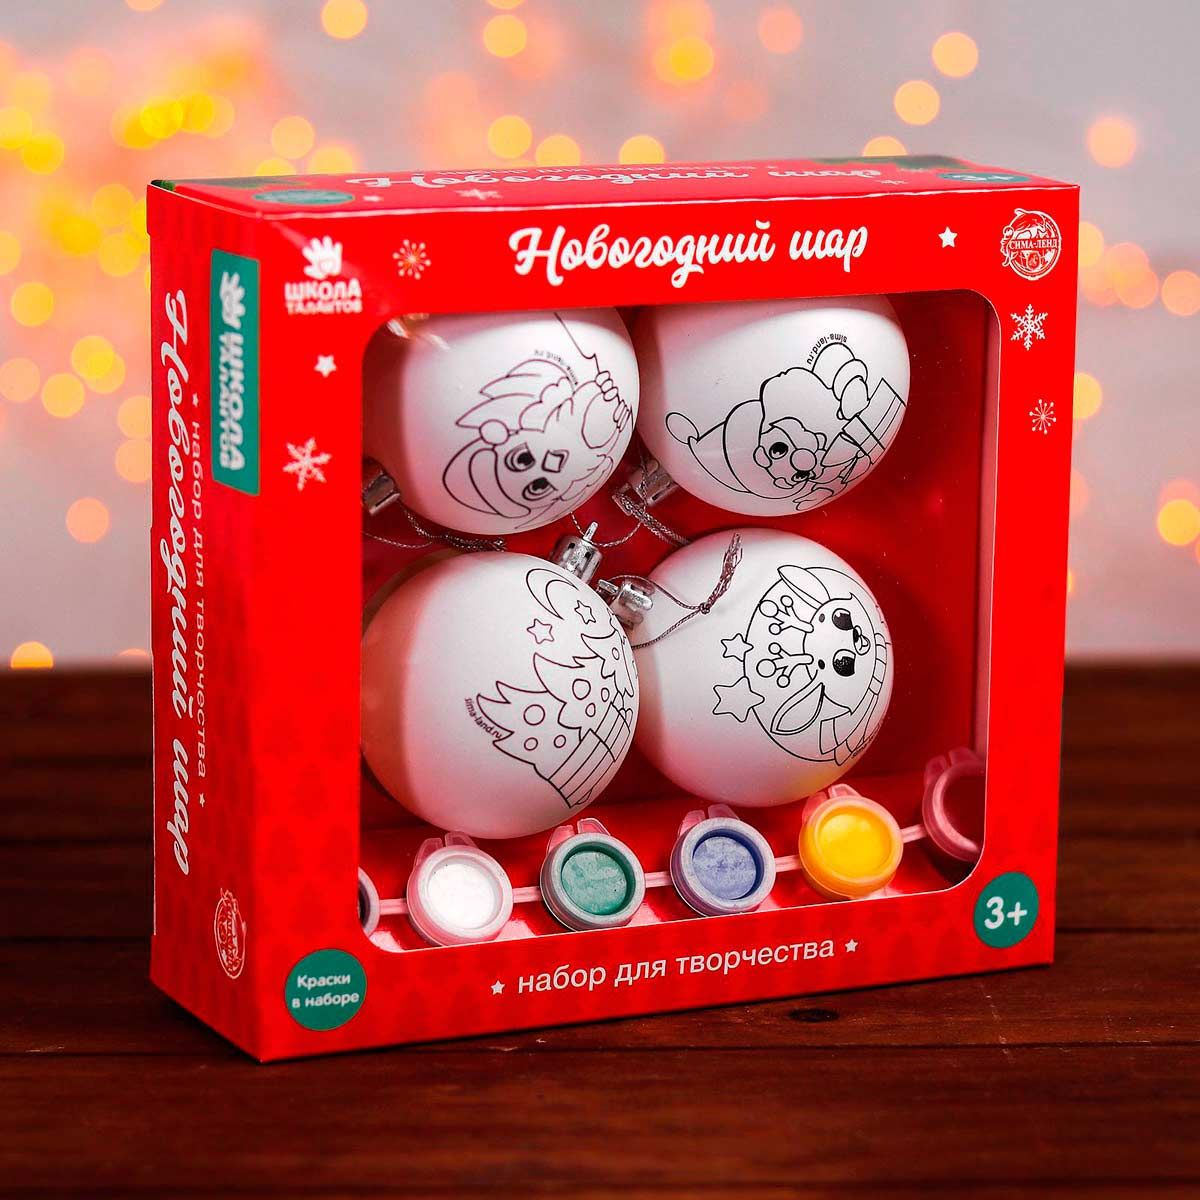 5066033 Набор для творчества 'Елочные шары под раскраску 'Новогодняя история' + краски, набор 4 шт